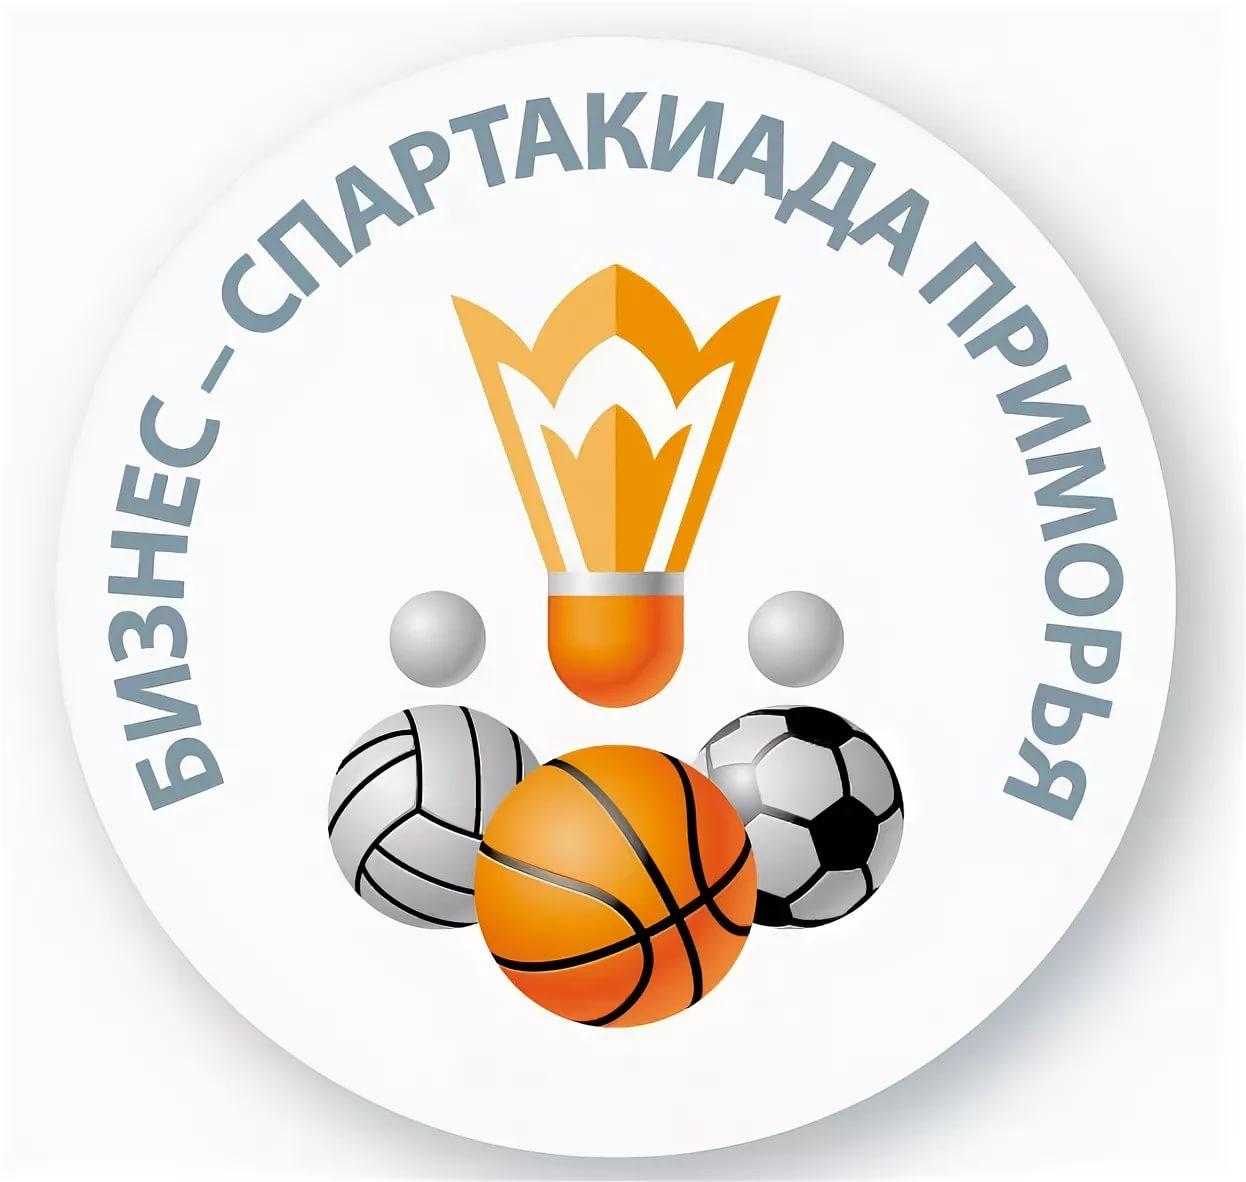 Приморское краевое отделение «ОПОРА РОССИИ» примет участие в бизнес — спартакиаде Приморья